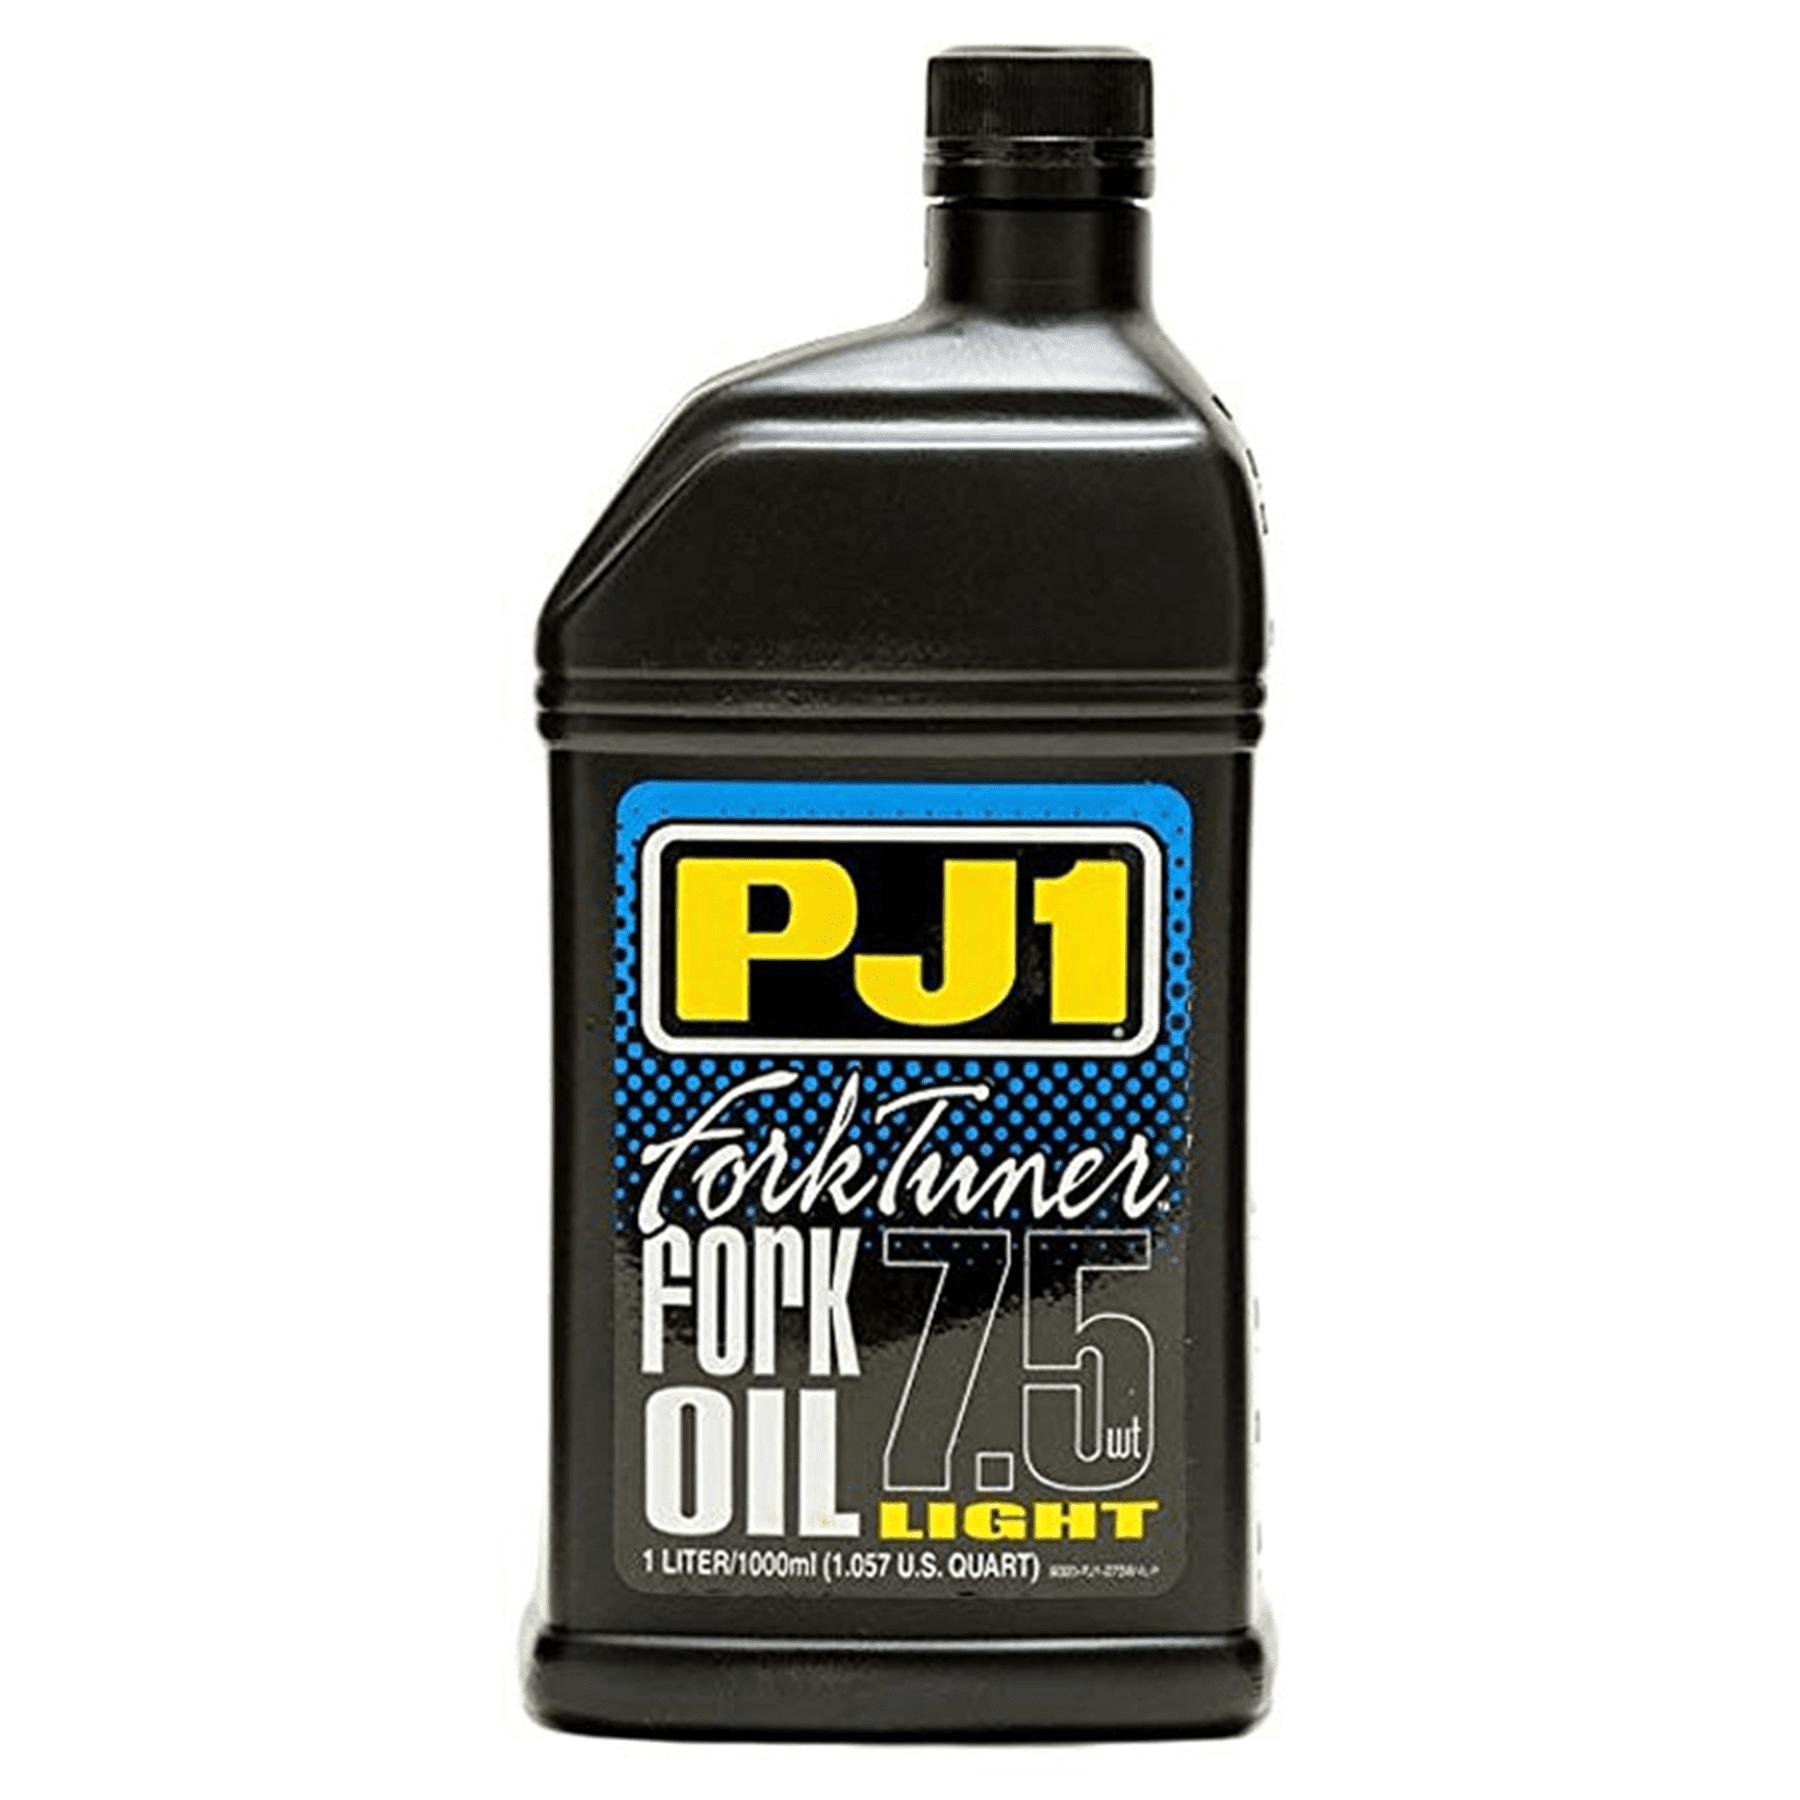 PJ1 FORK TUNER OIL 7.5 WT.-1 LITER